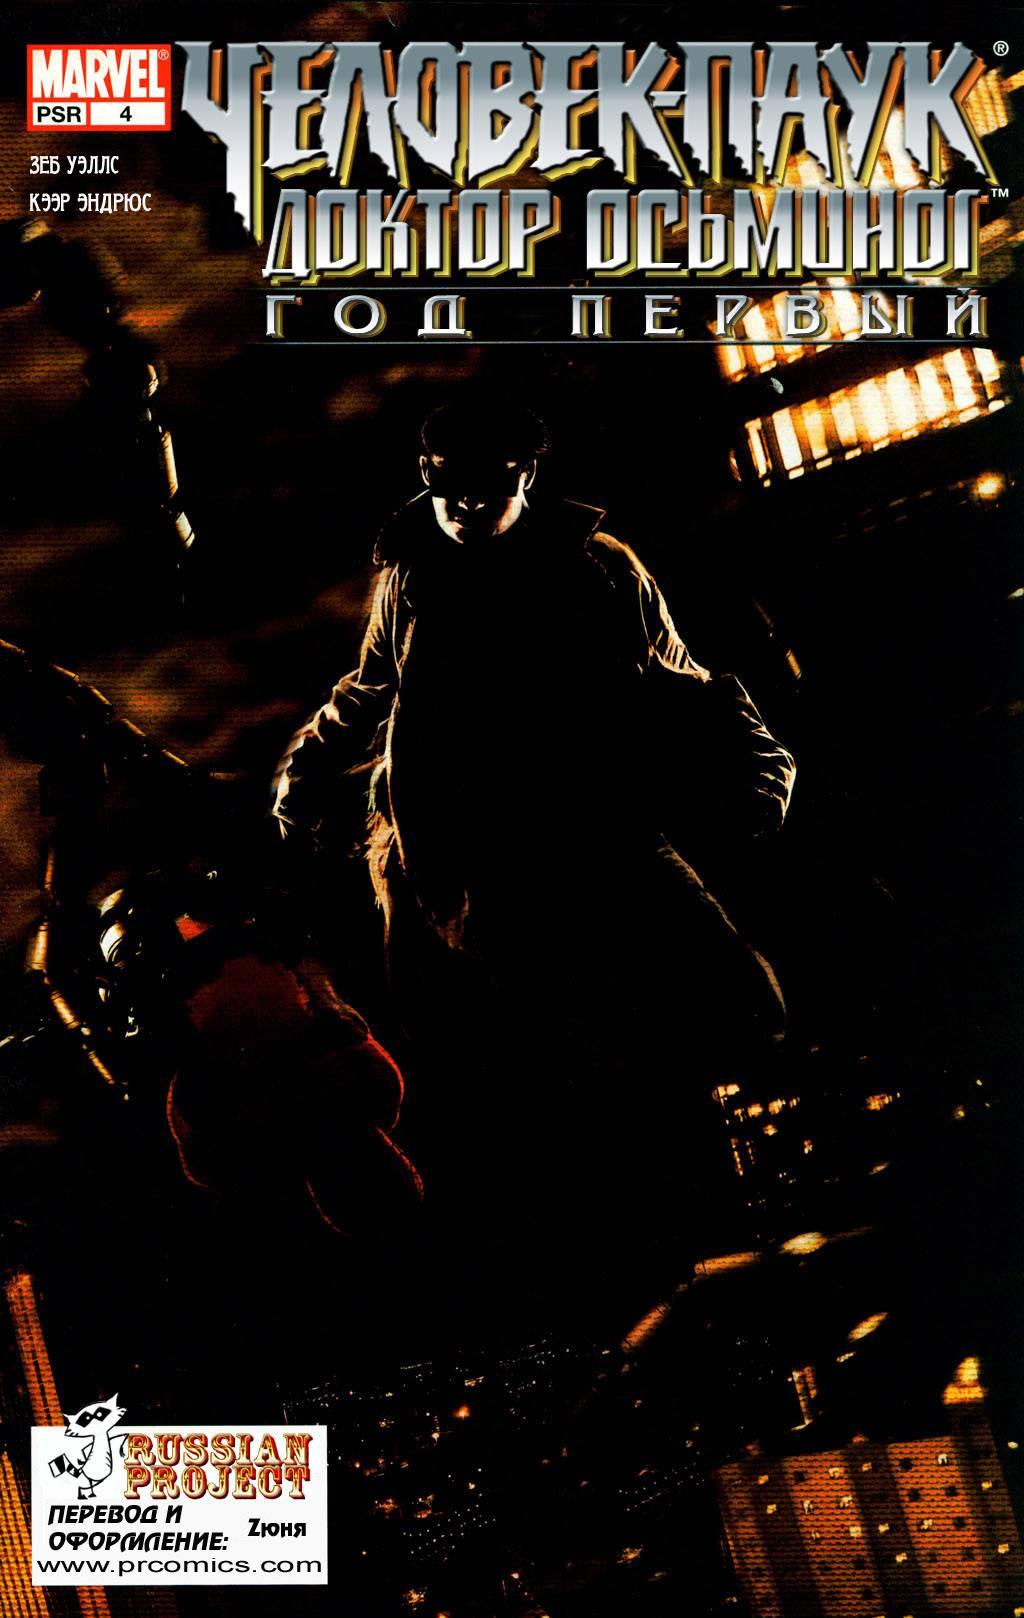 Человек-Паук / Доктор Осьминог: Год Первый №4 онлайн